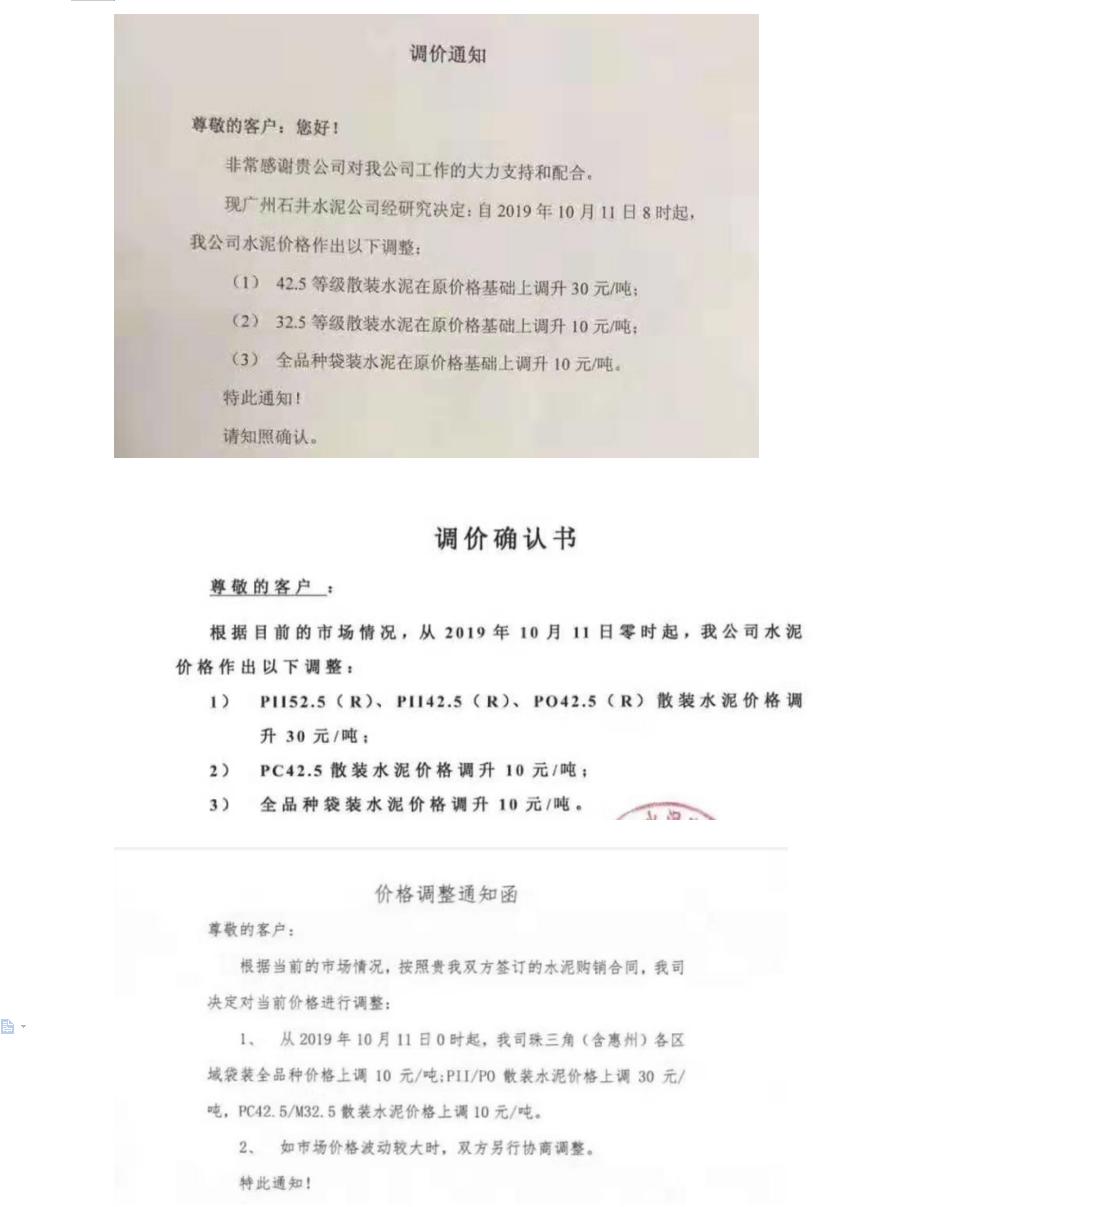 片面水泥企业发布的调价报告 图片来源:受访者挑供,记者汇总